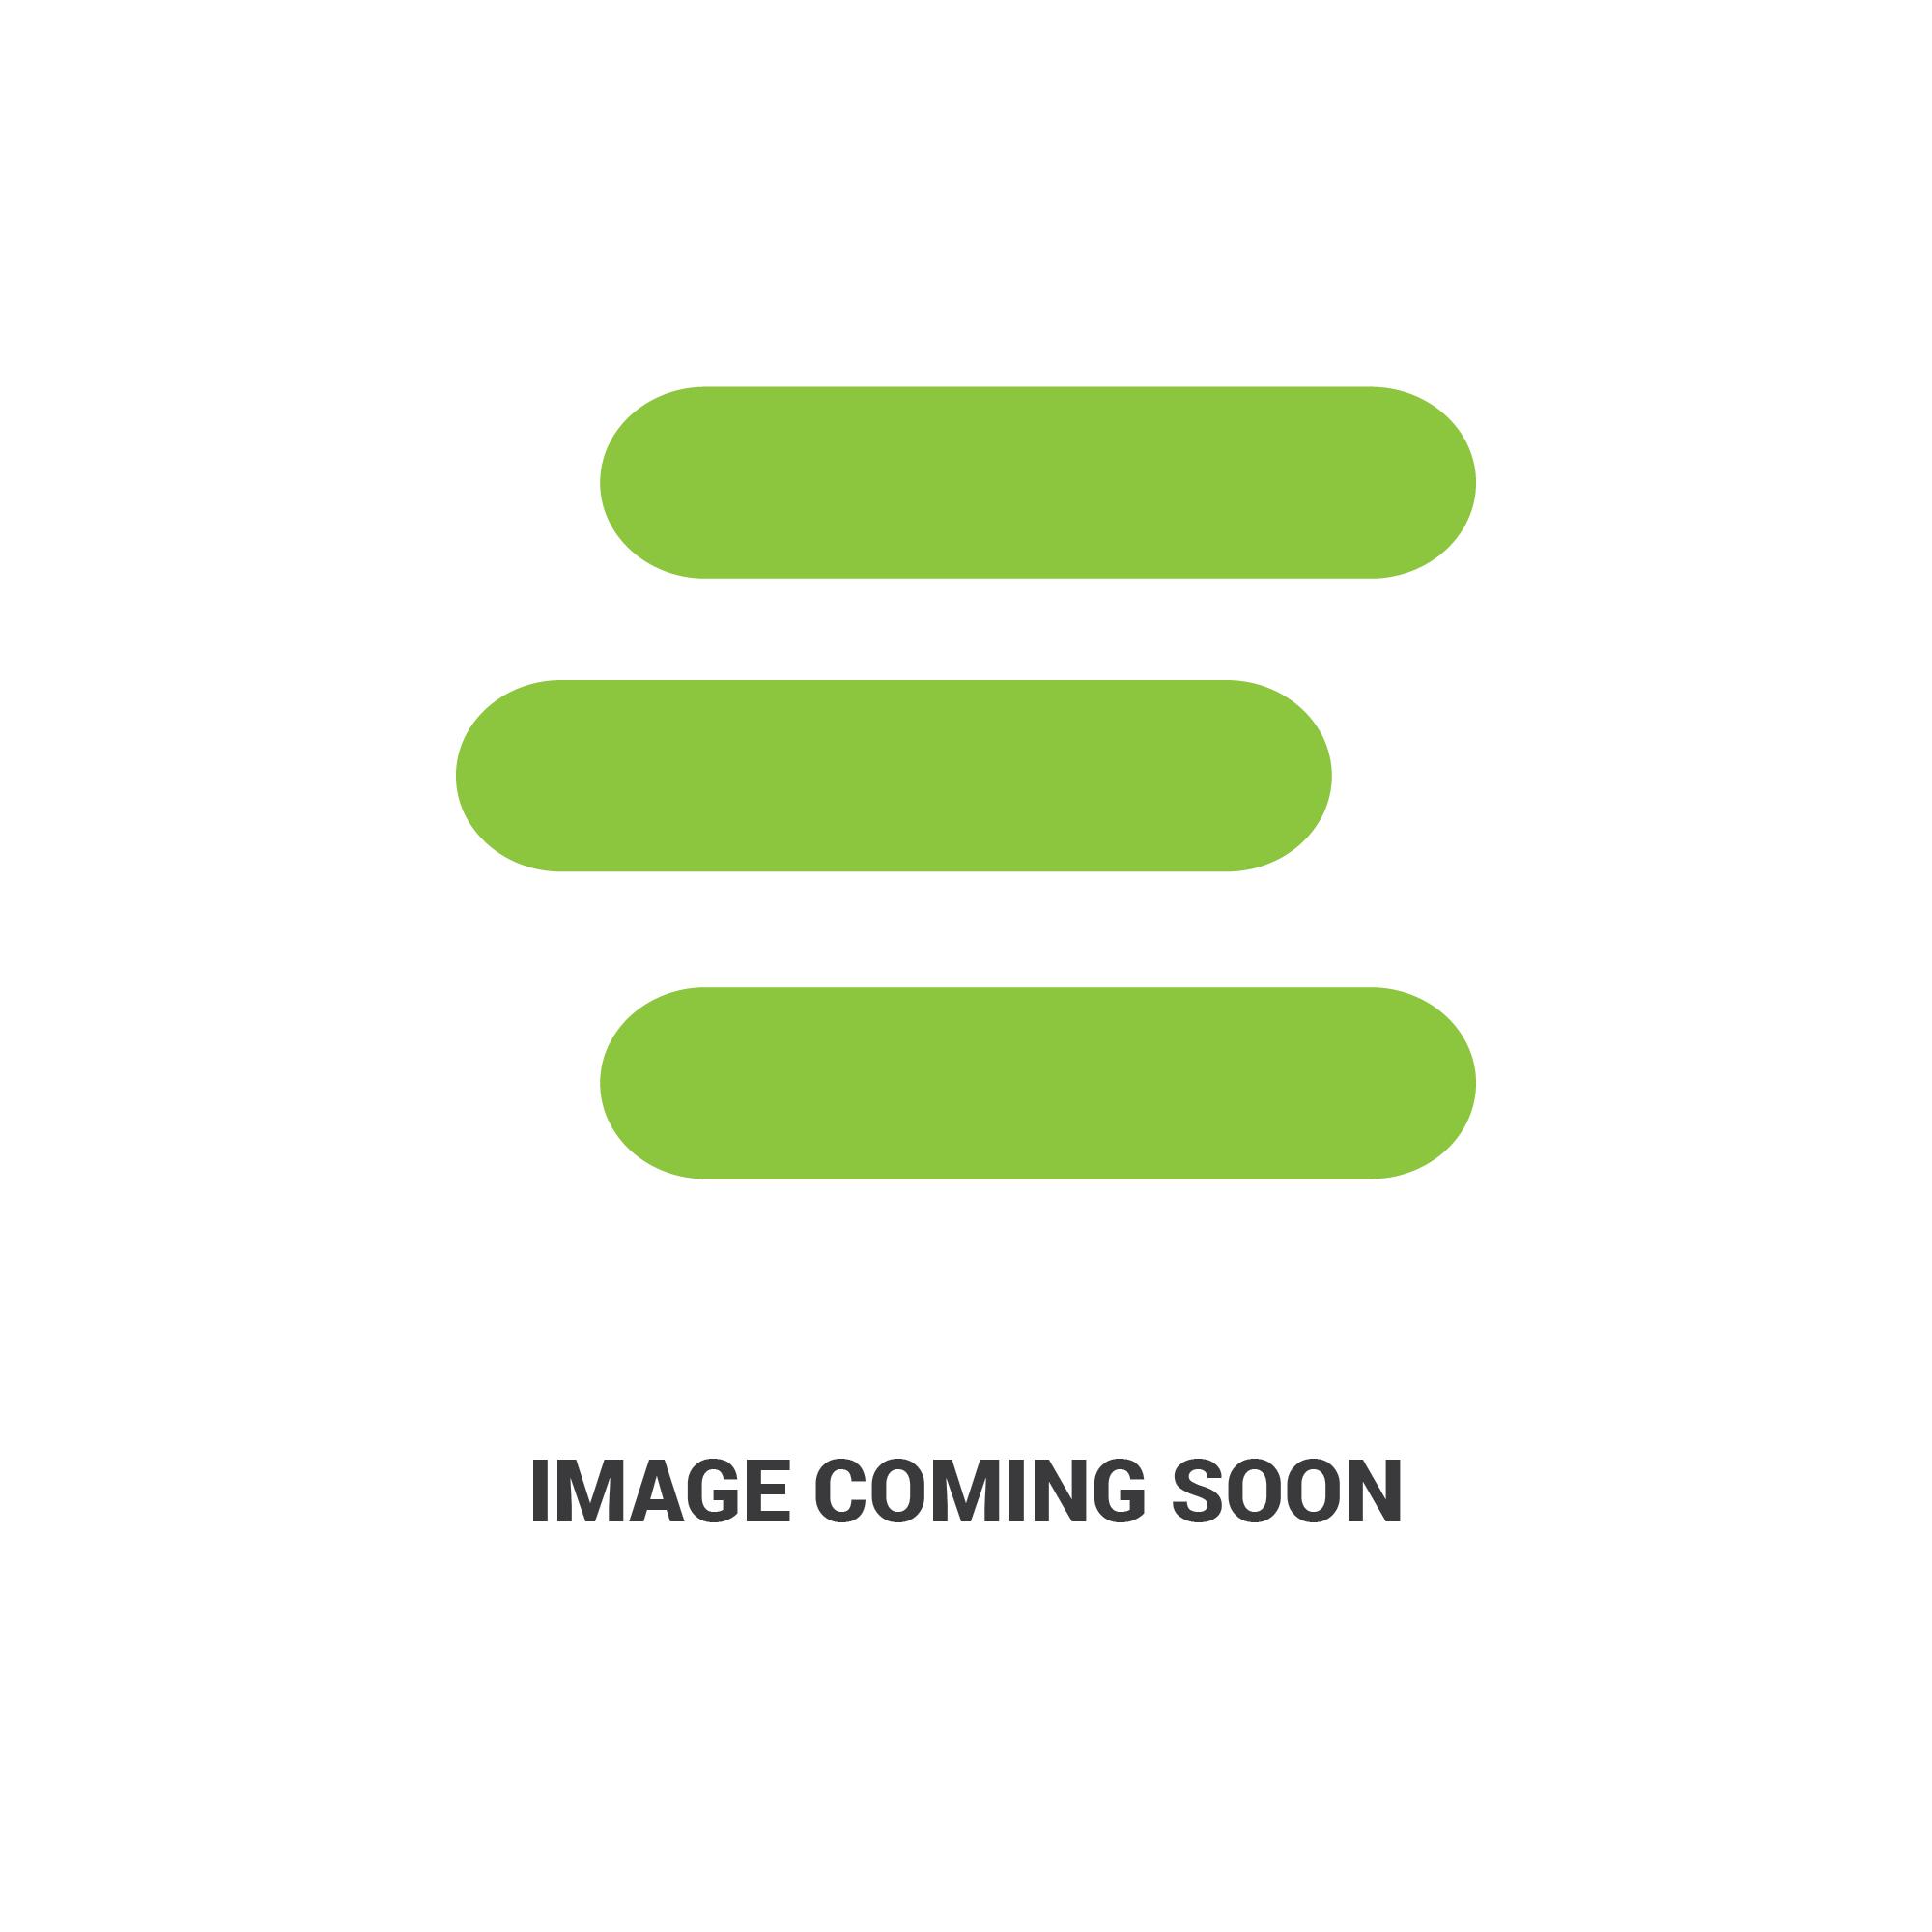 E-353903R1edit 1.jpg